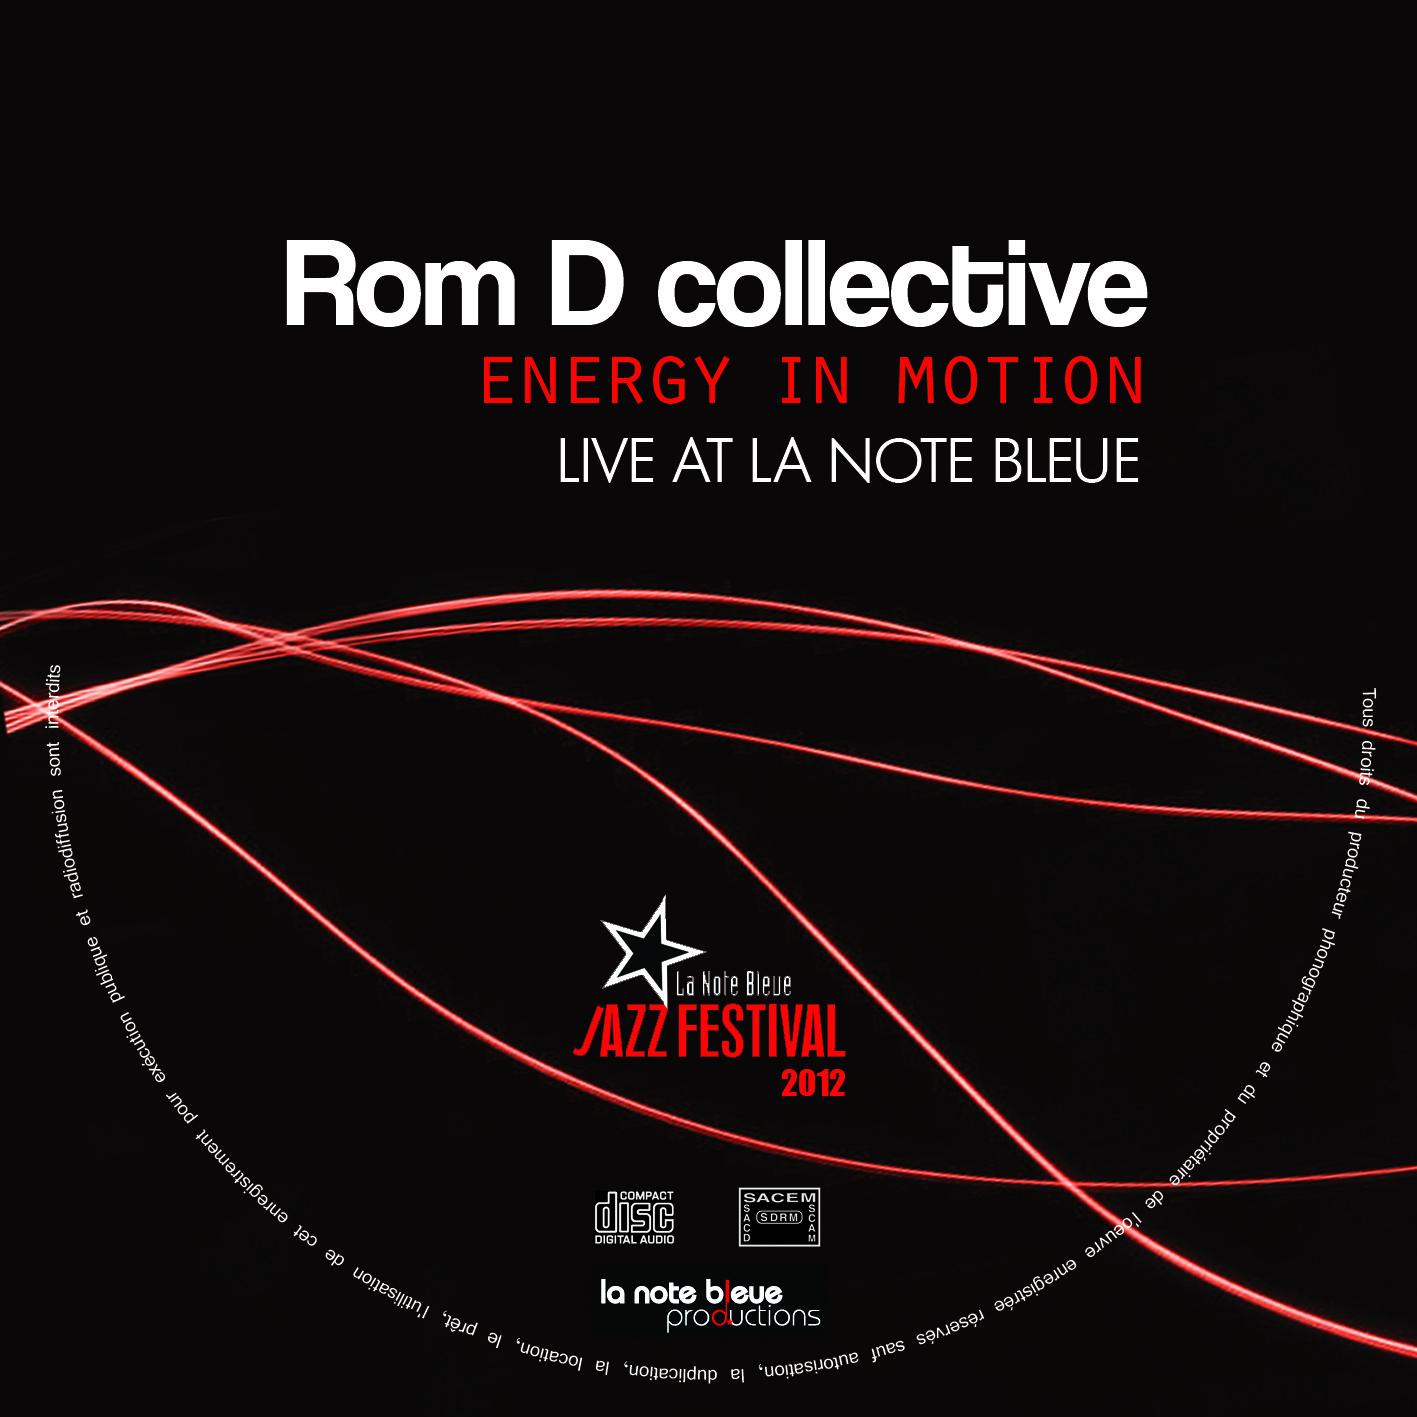 GABARIT ROND CD.jpg